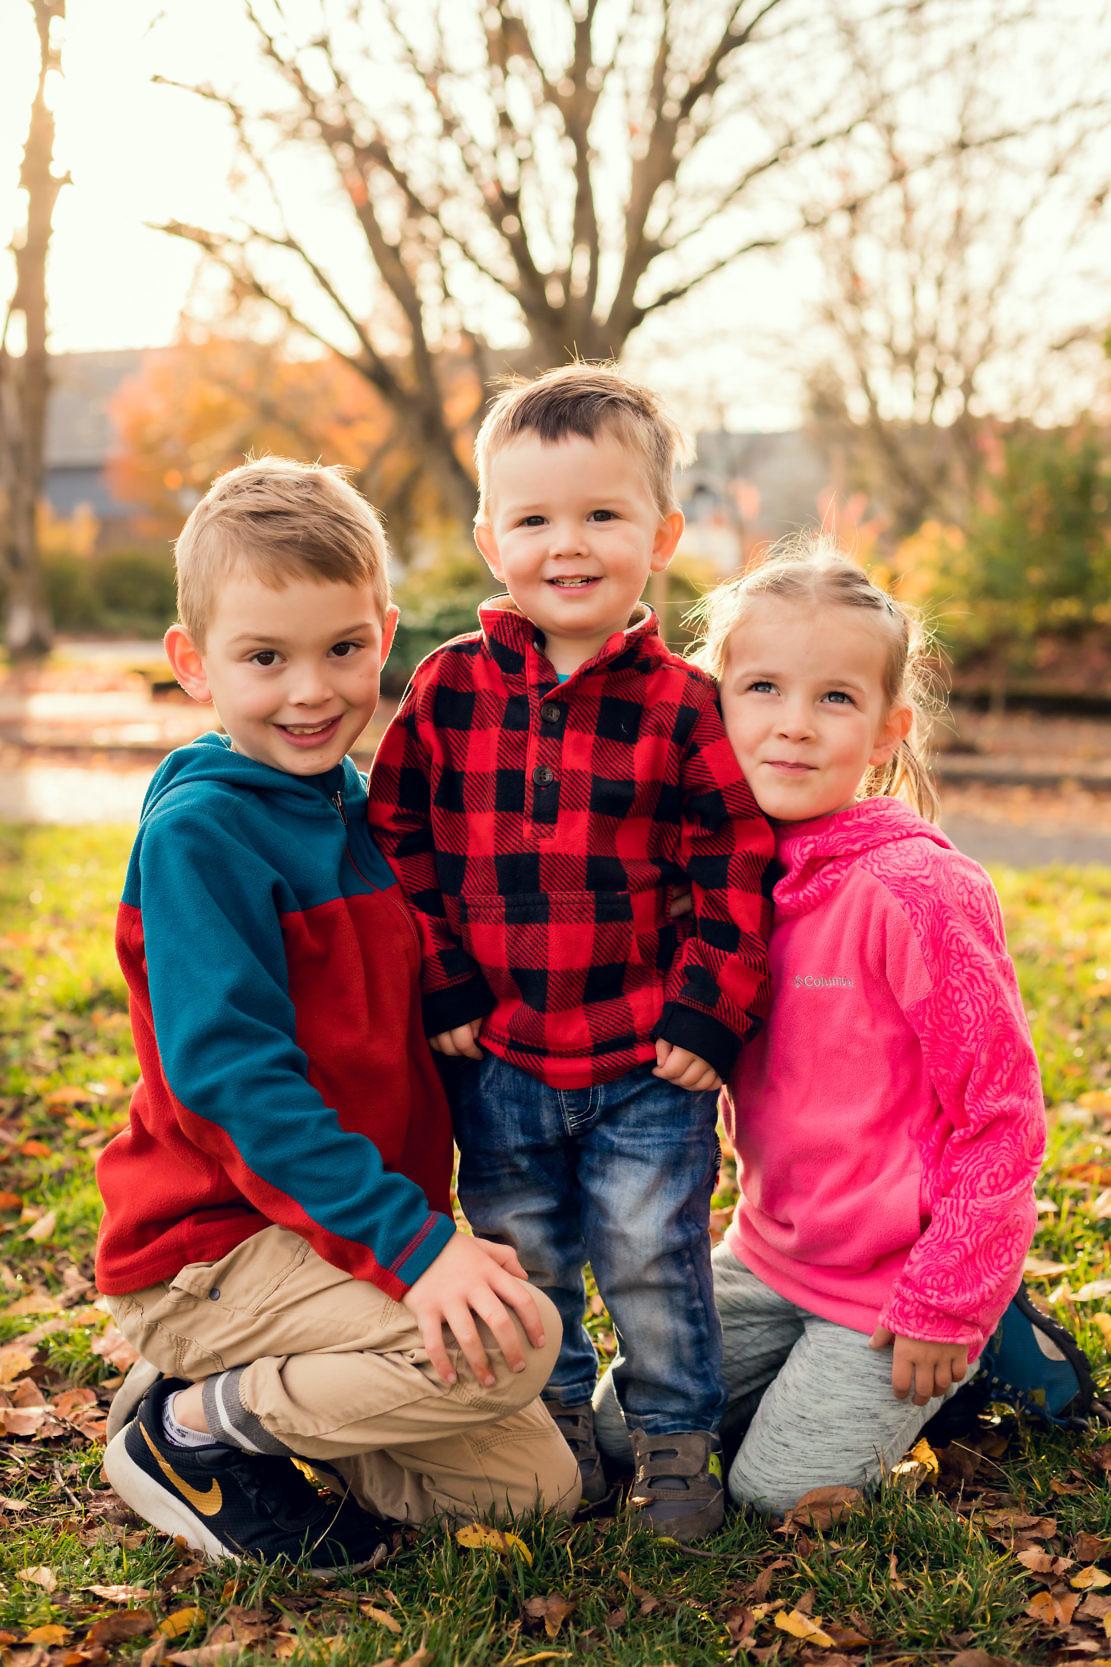 bendfamilyphotos